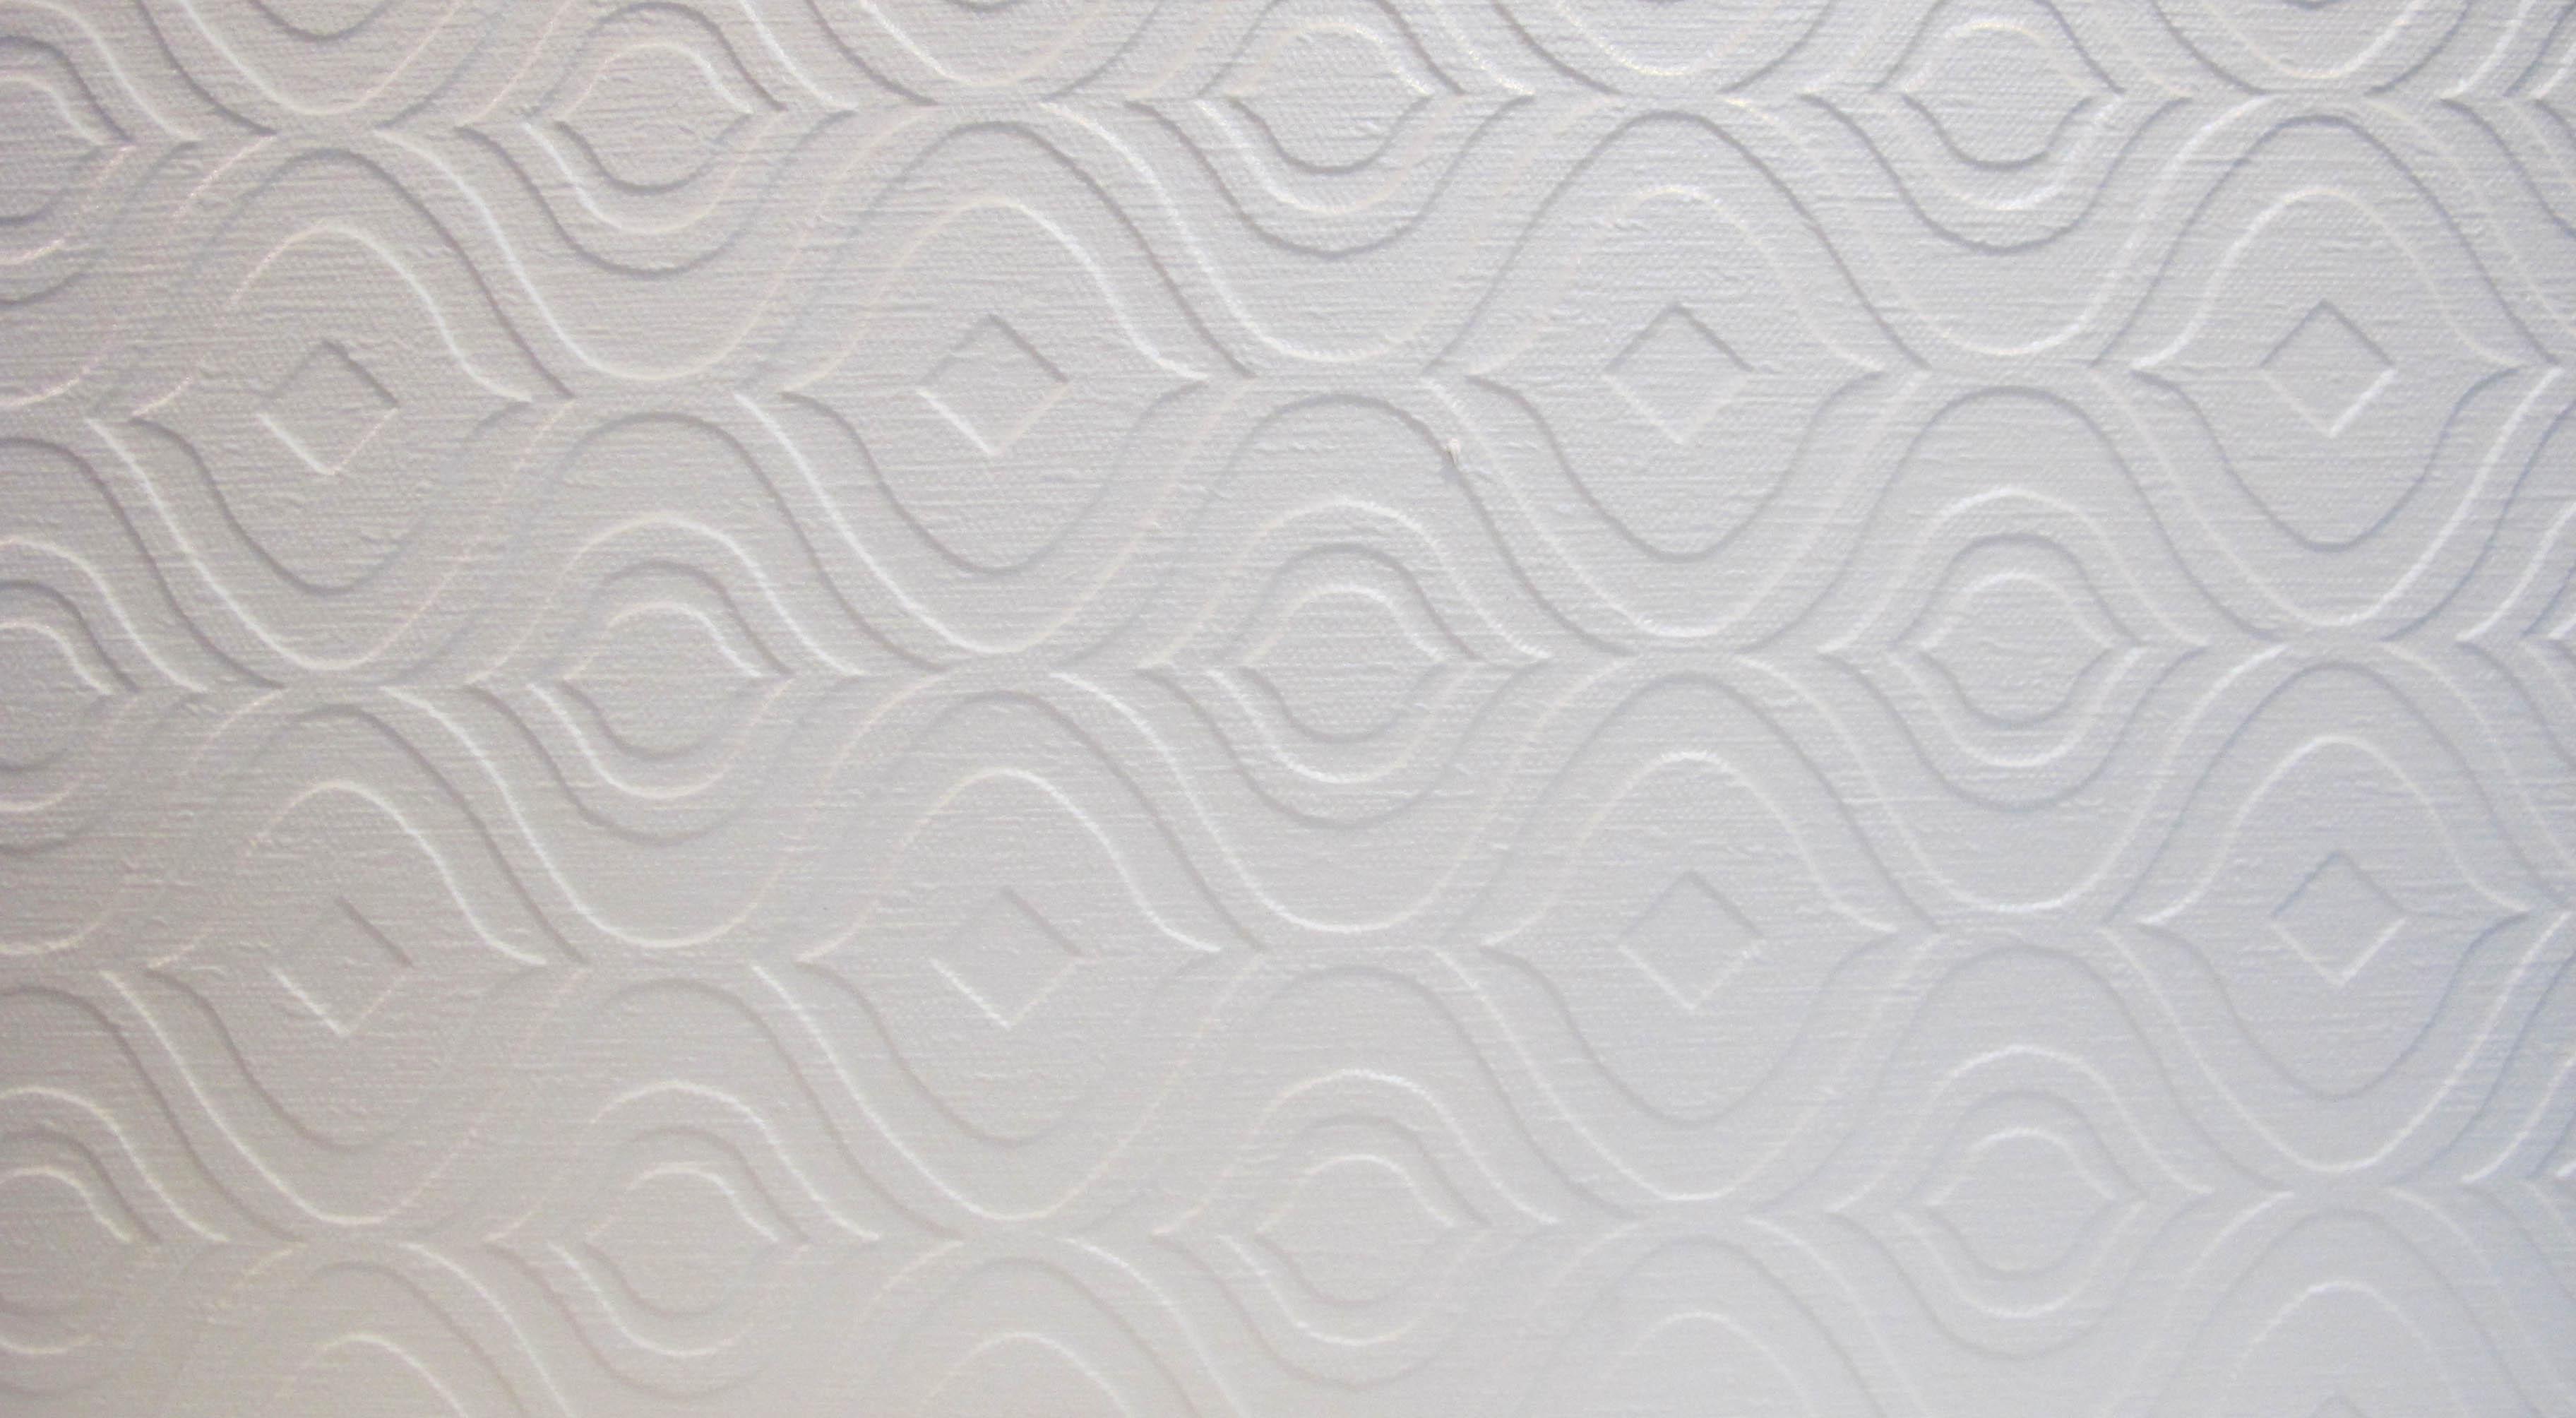 New Arrivals For Tile Stone Hardwood Vinyl Laminate